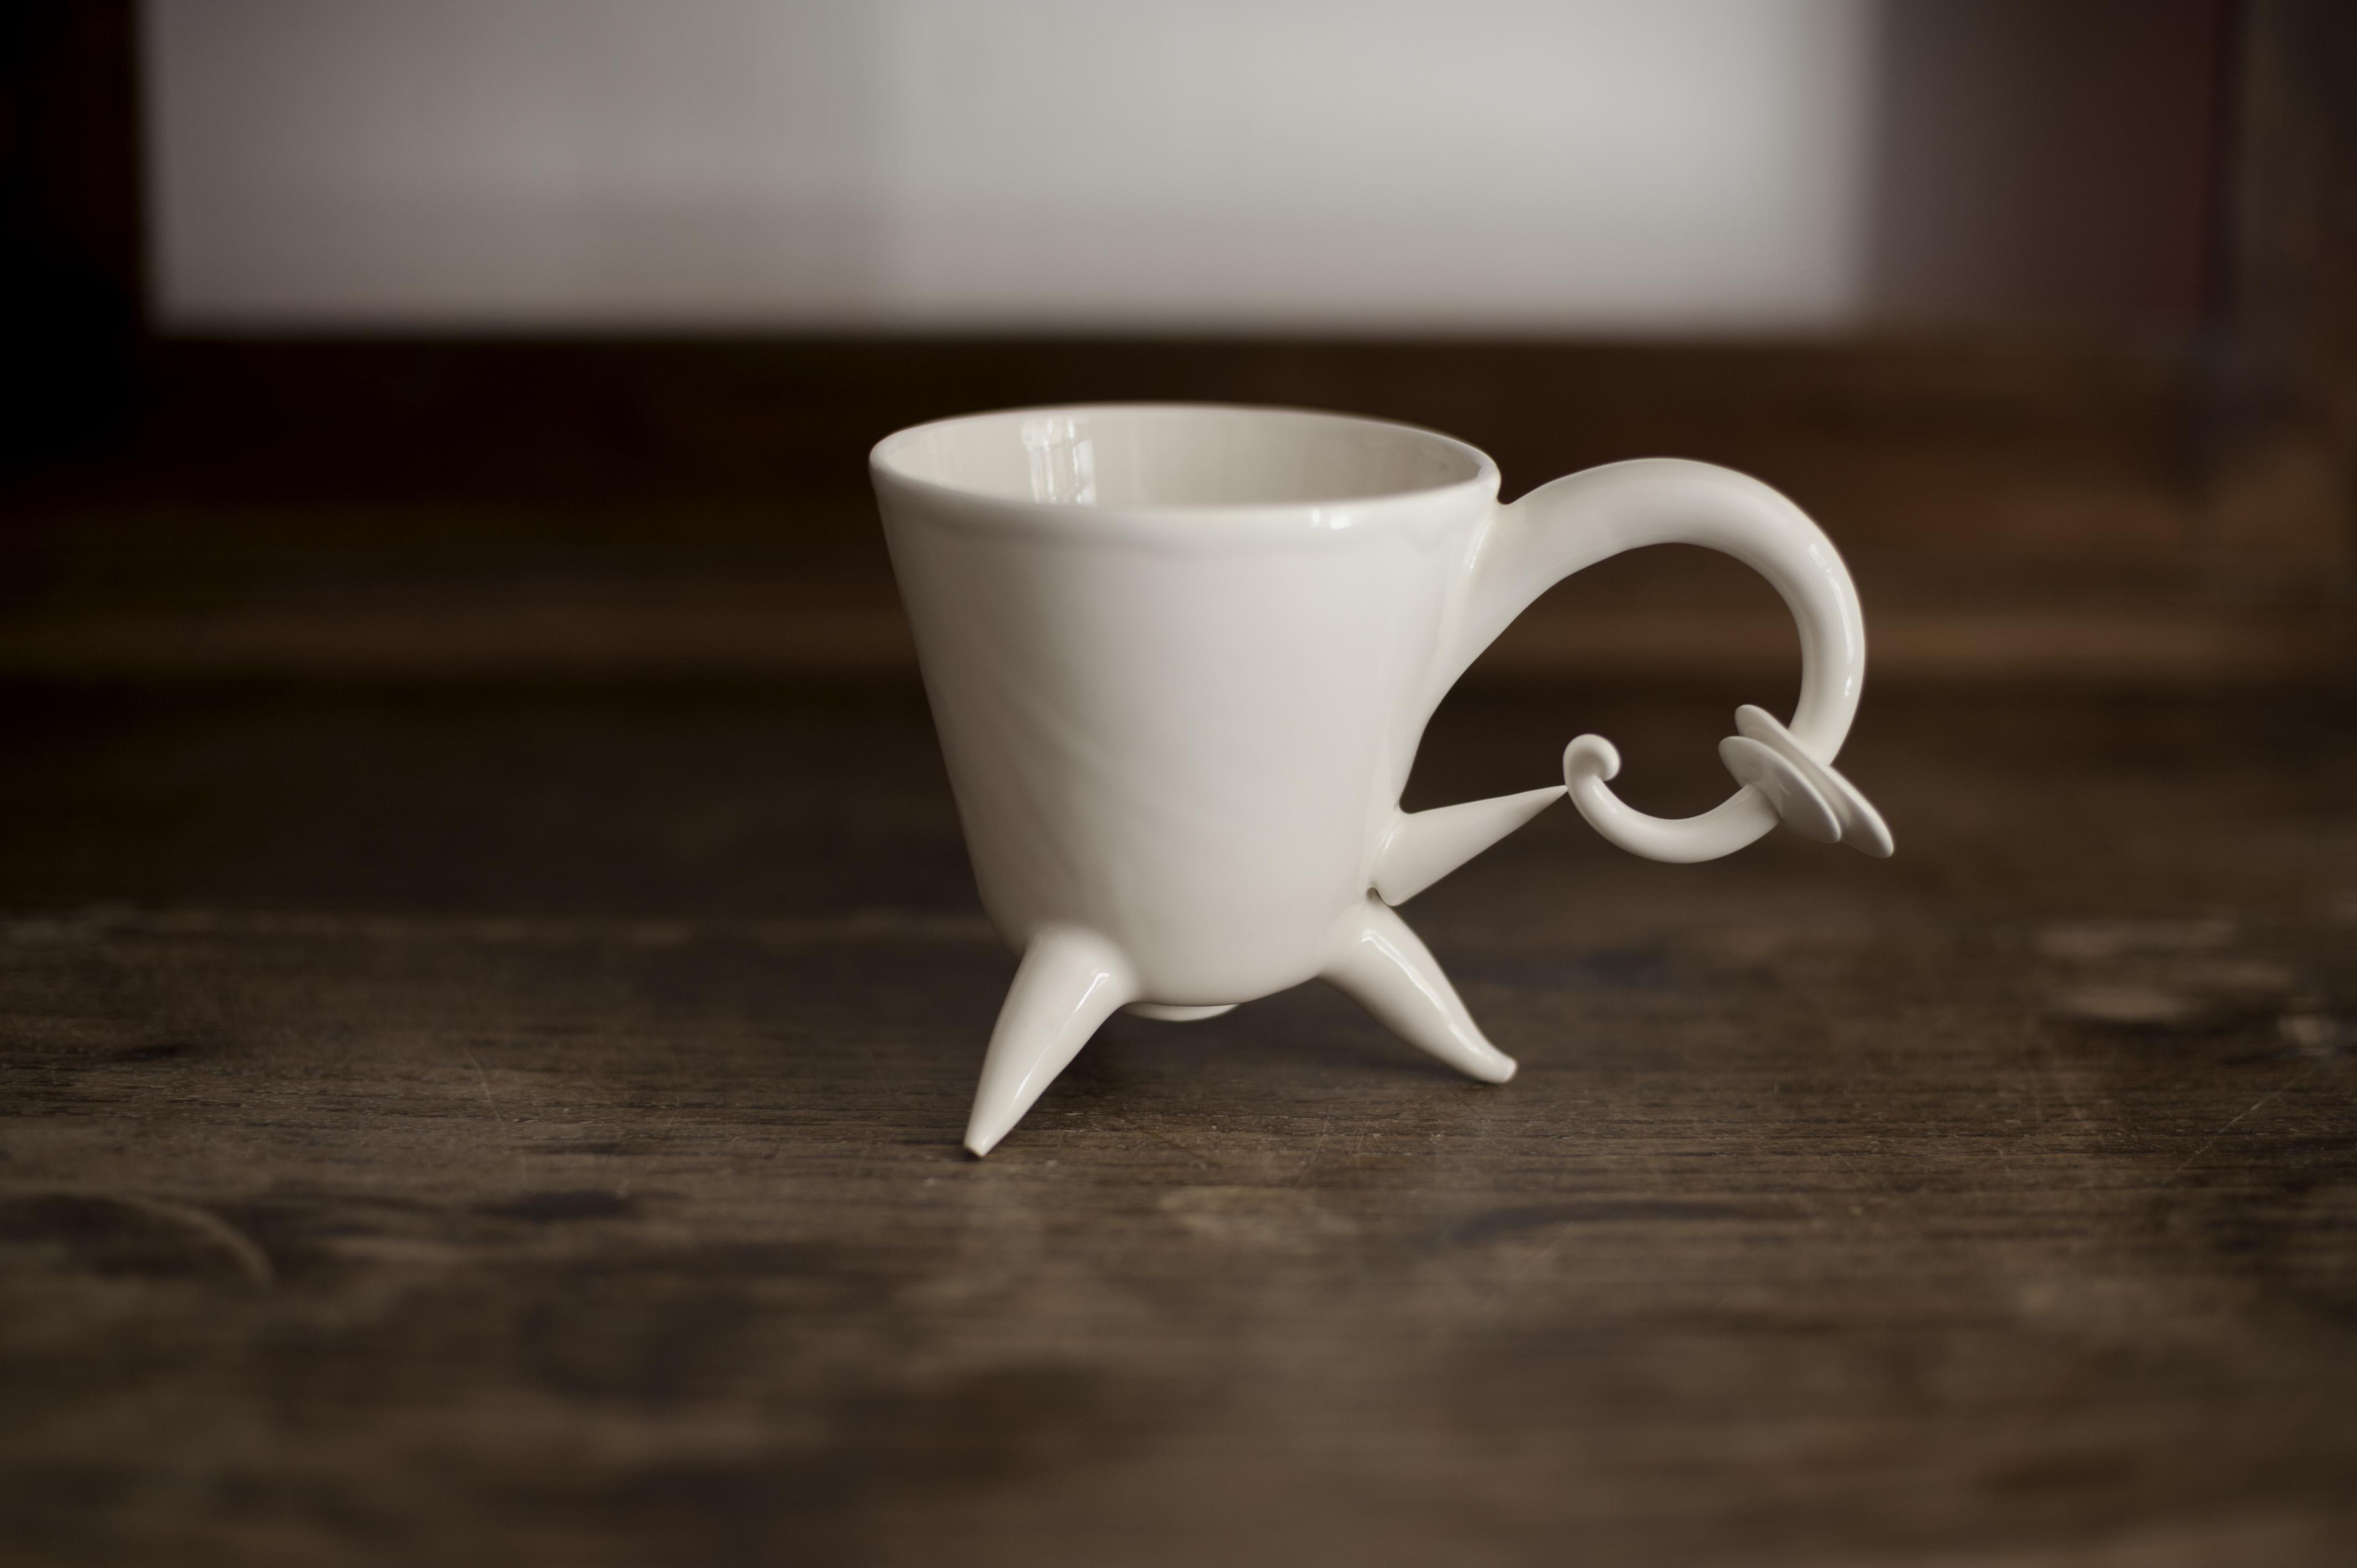 TE' ALTO tazze teiere lattiere per tè